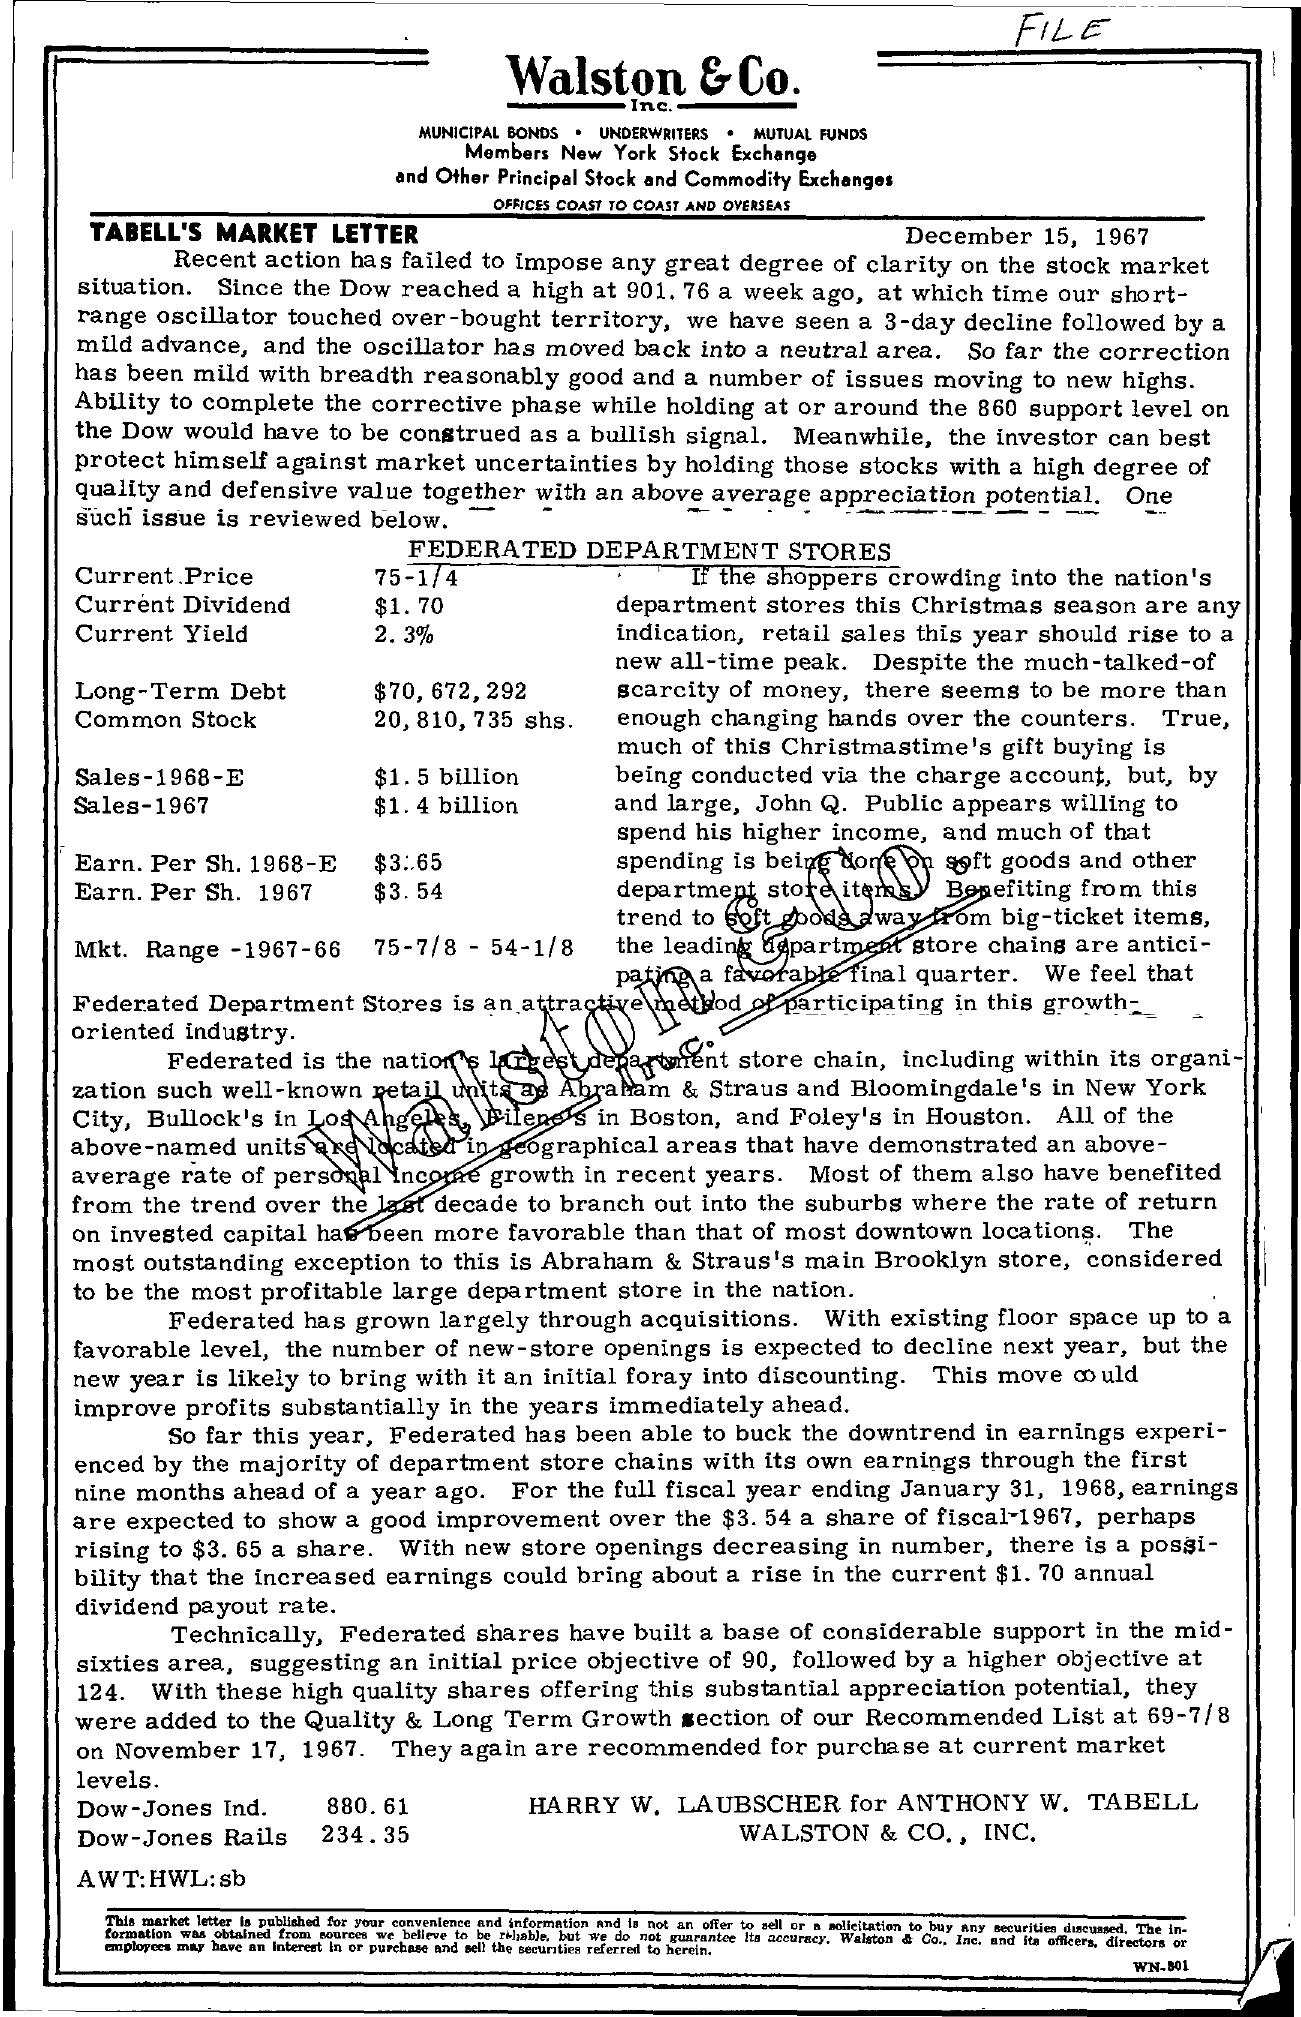 Tabell's Market Letter - December 15, 1967